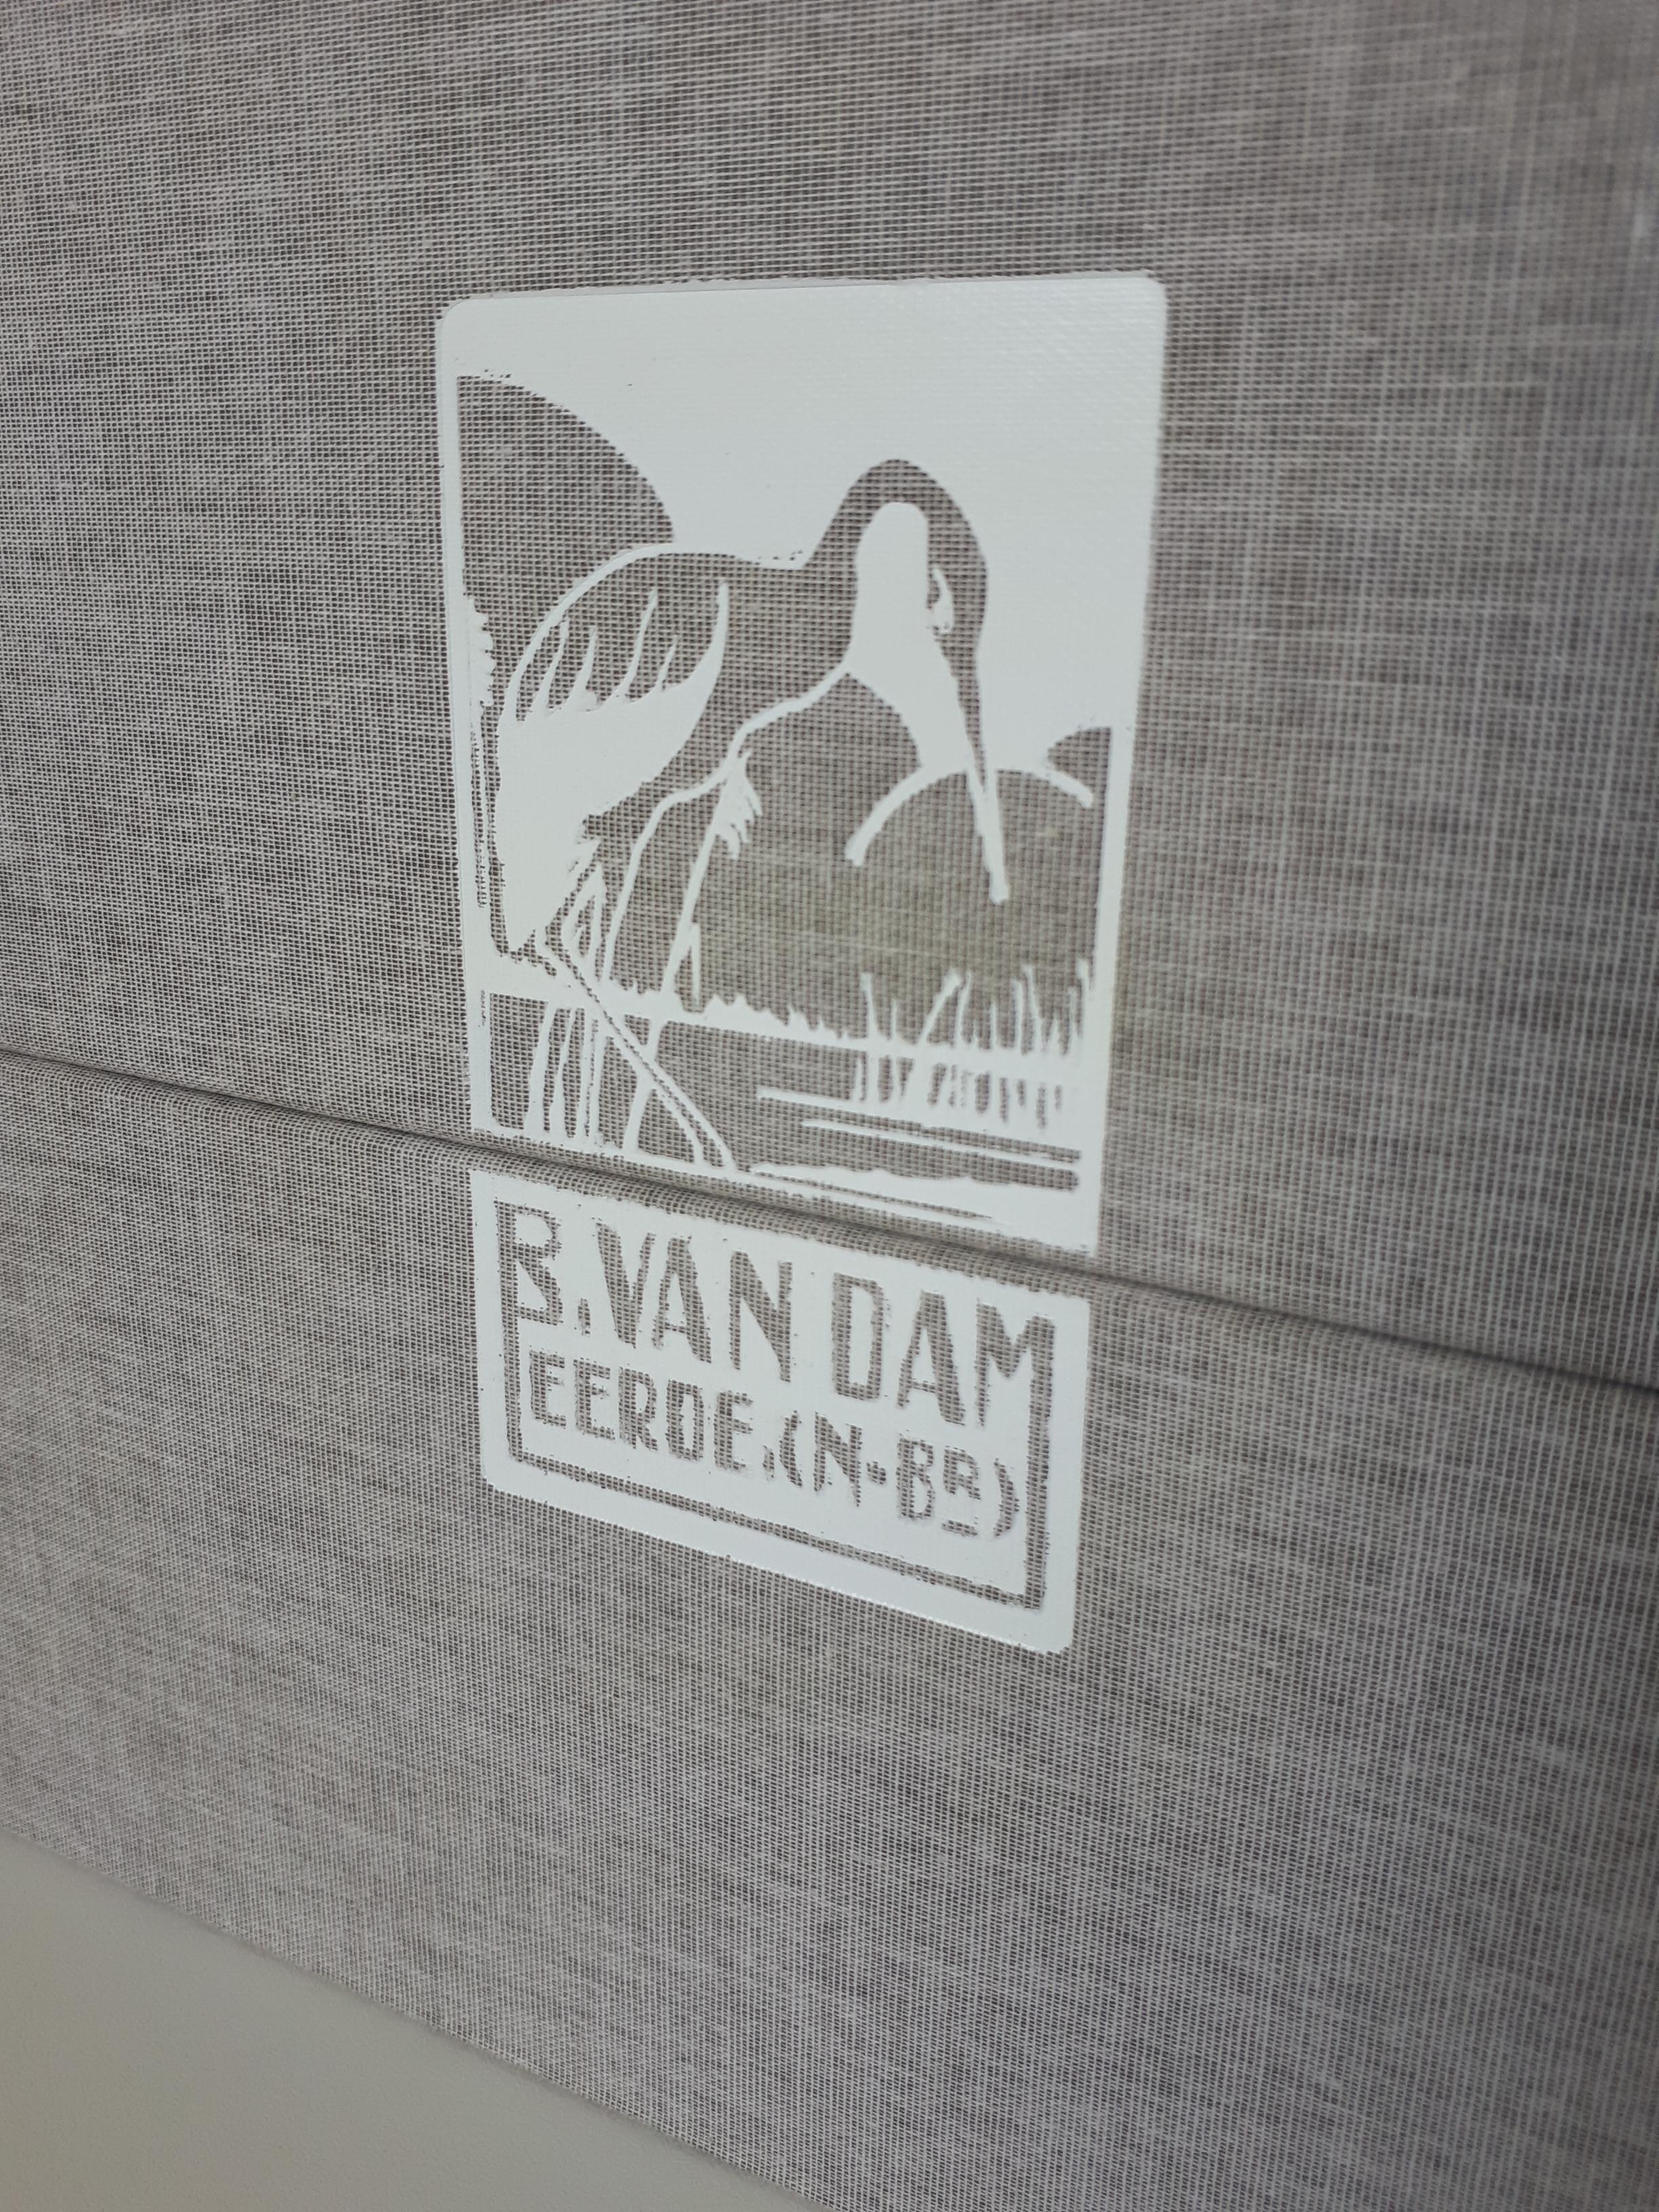 07 Box dubbel rug met logo.jpg